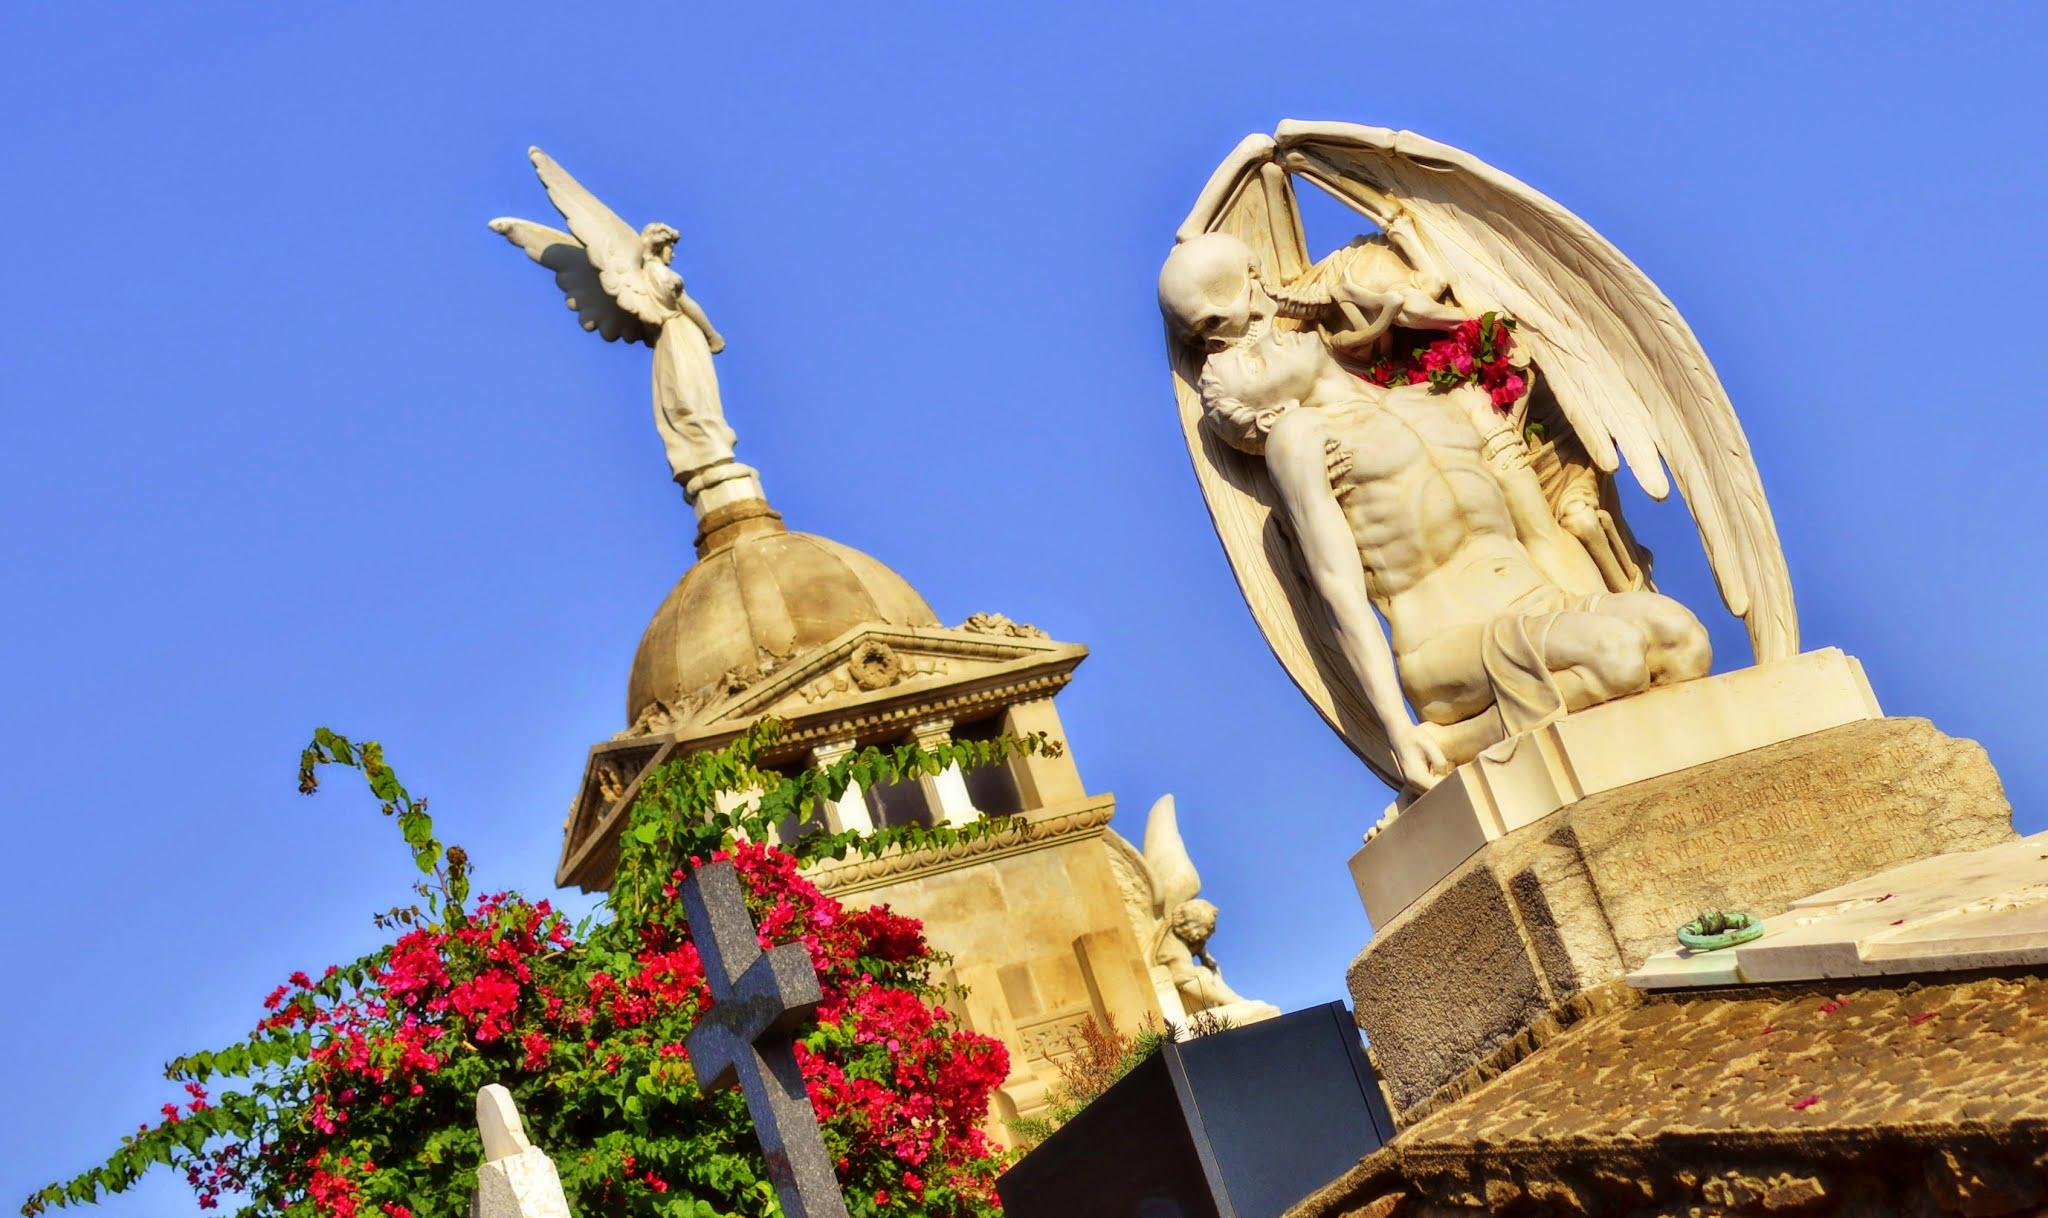 Cemetery of Poblenou (Barcelona, Spain)